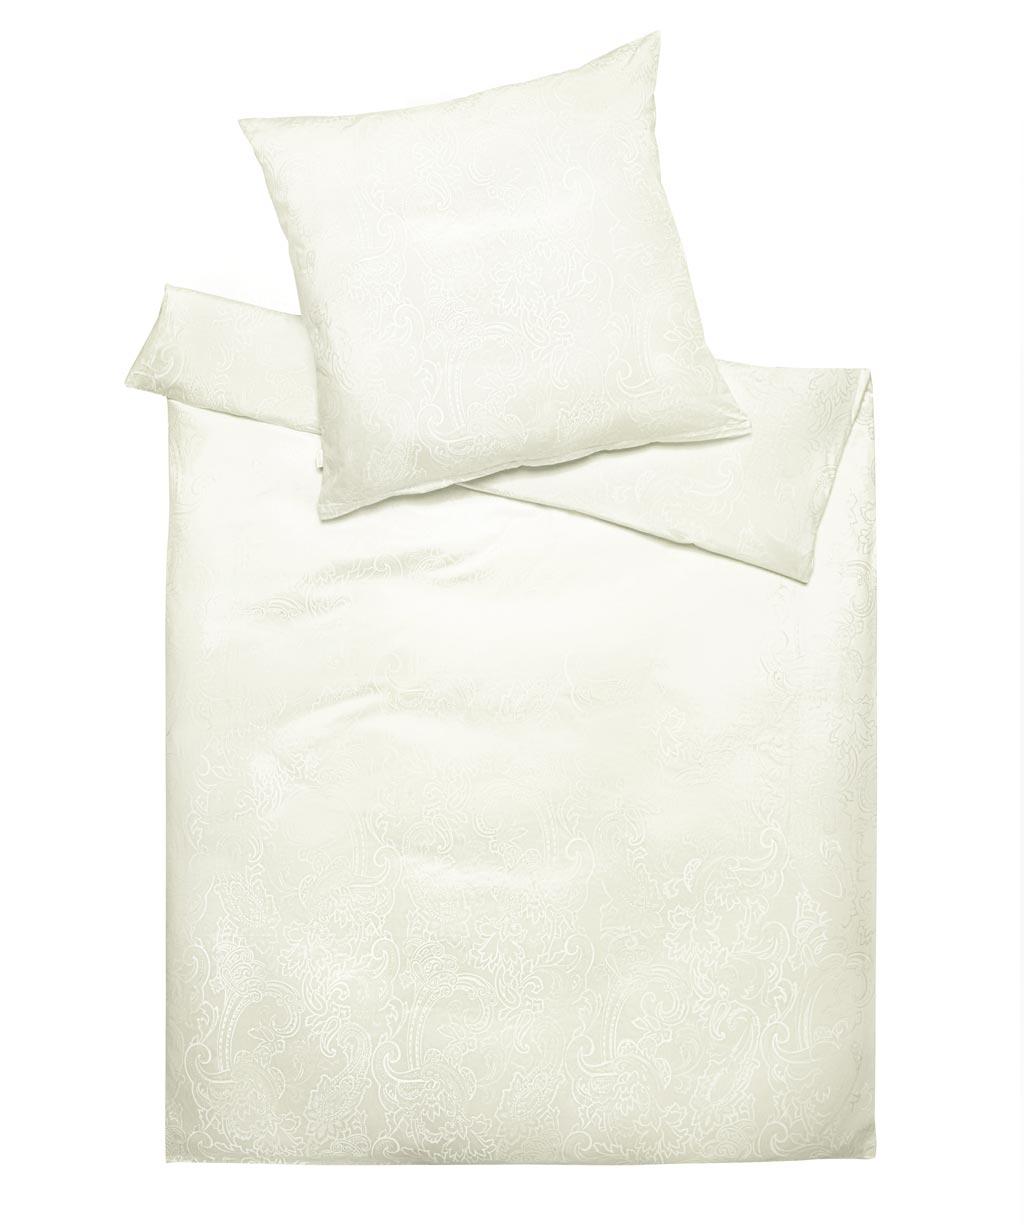 Edle Damastbettwäsche mit Ornamenten in Weiß